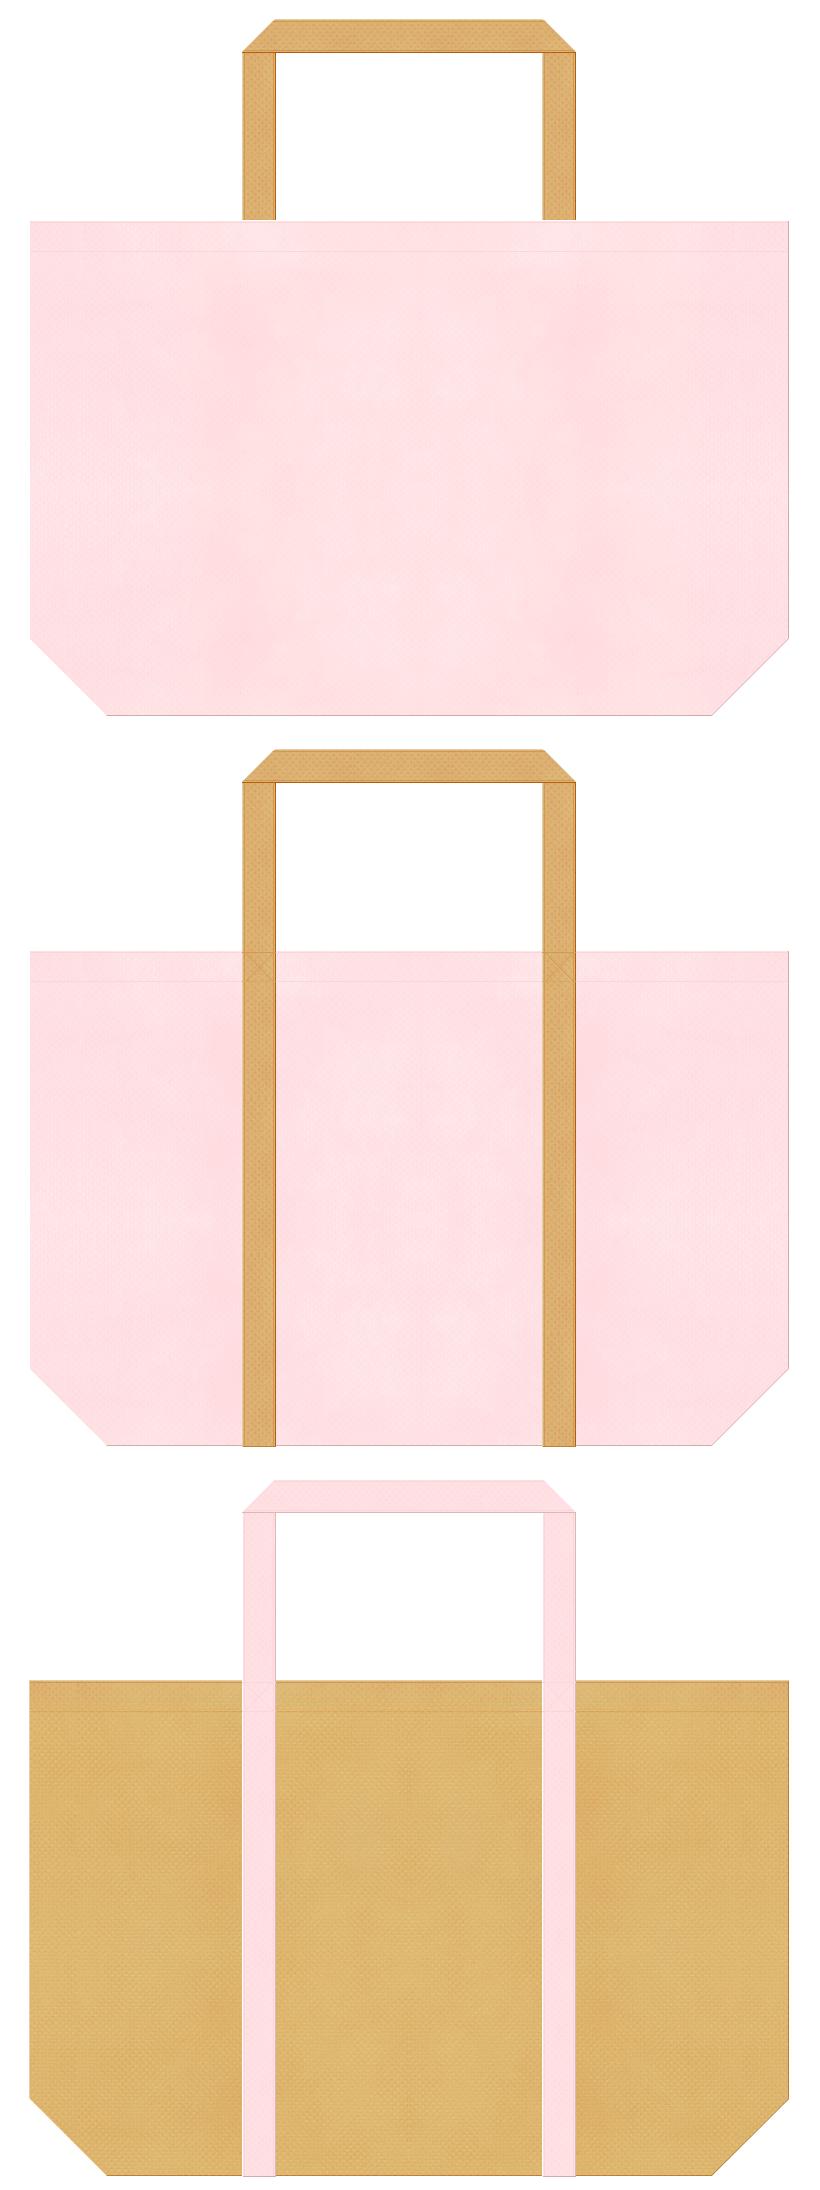 桜色と薄黄土色の不織布バッグデザイン。ガーリーファッションのショッピングバッグにお奨めです。